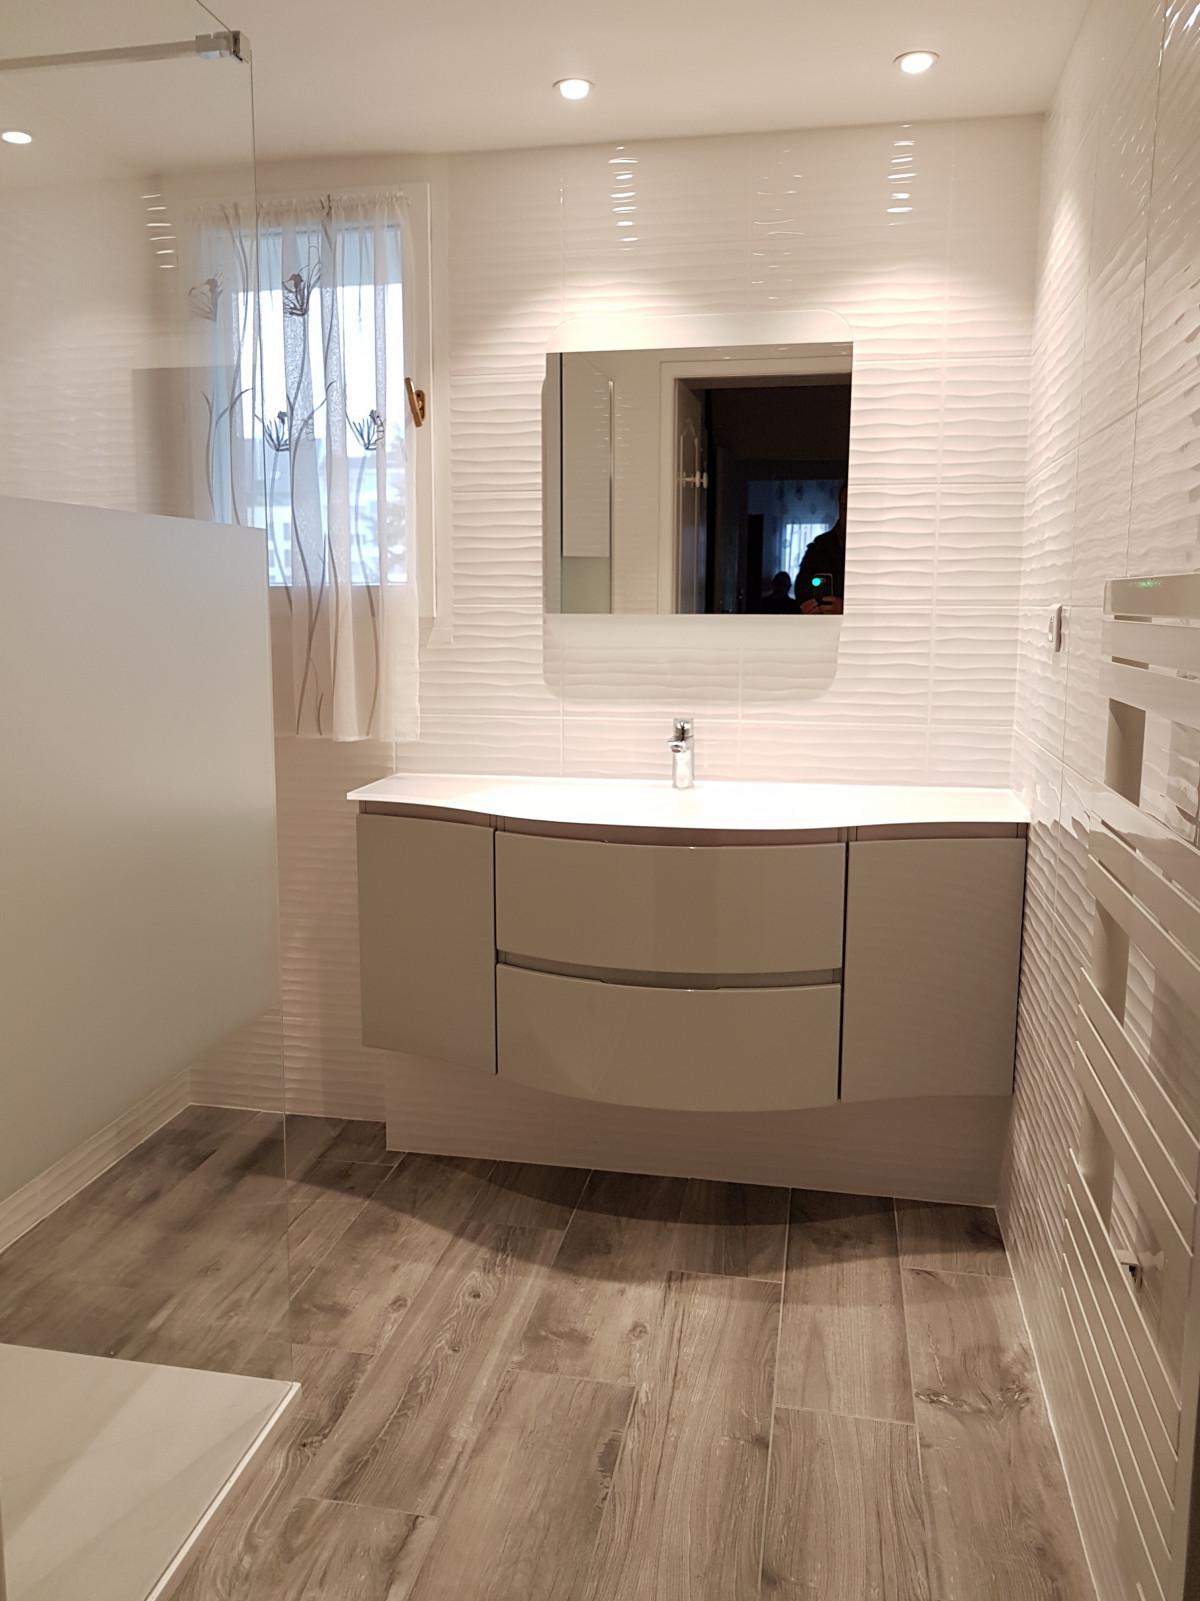 Carrelage Sol Avant Ou Apres Receveur avant / après rénovation complète d'une salle de bains place